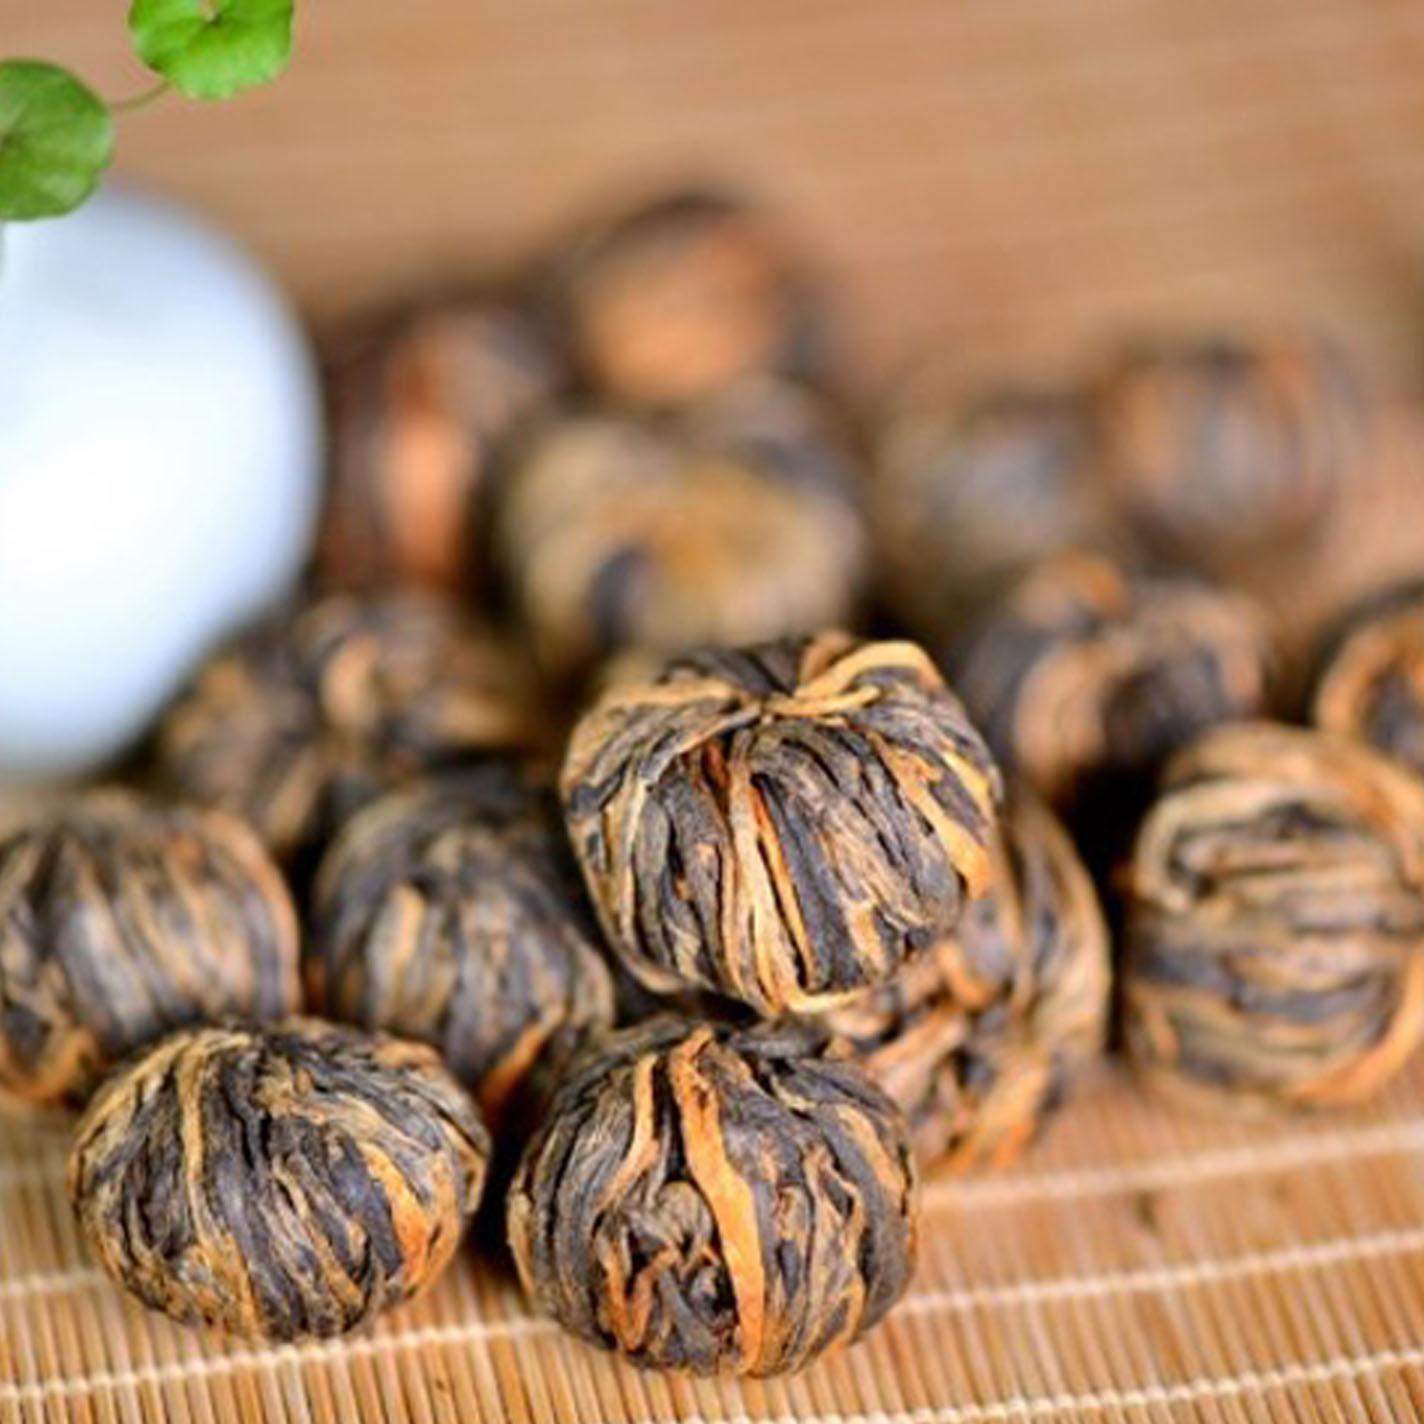 黄金绣球滇红龙珠茶500克散茶百年古树早春手工功夫红茶轻度发酵